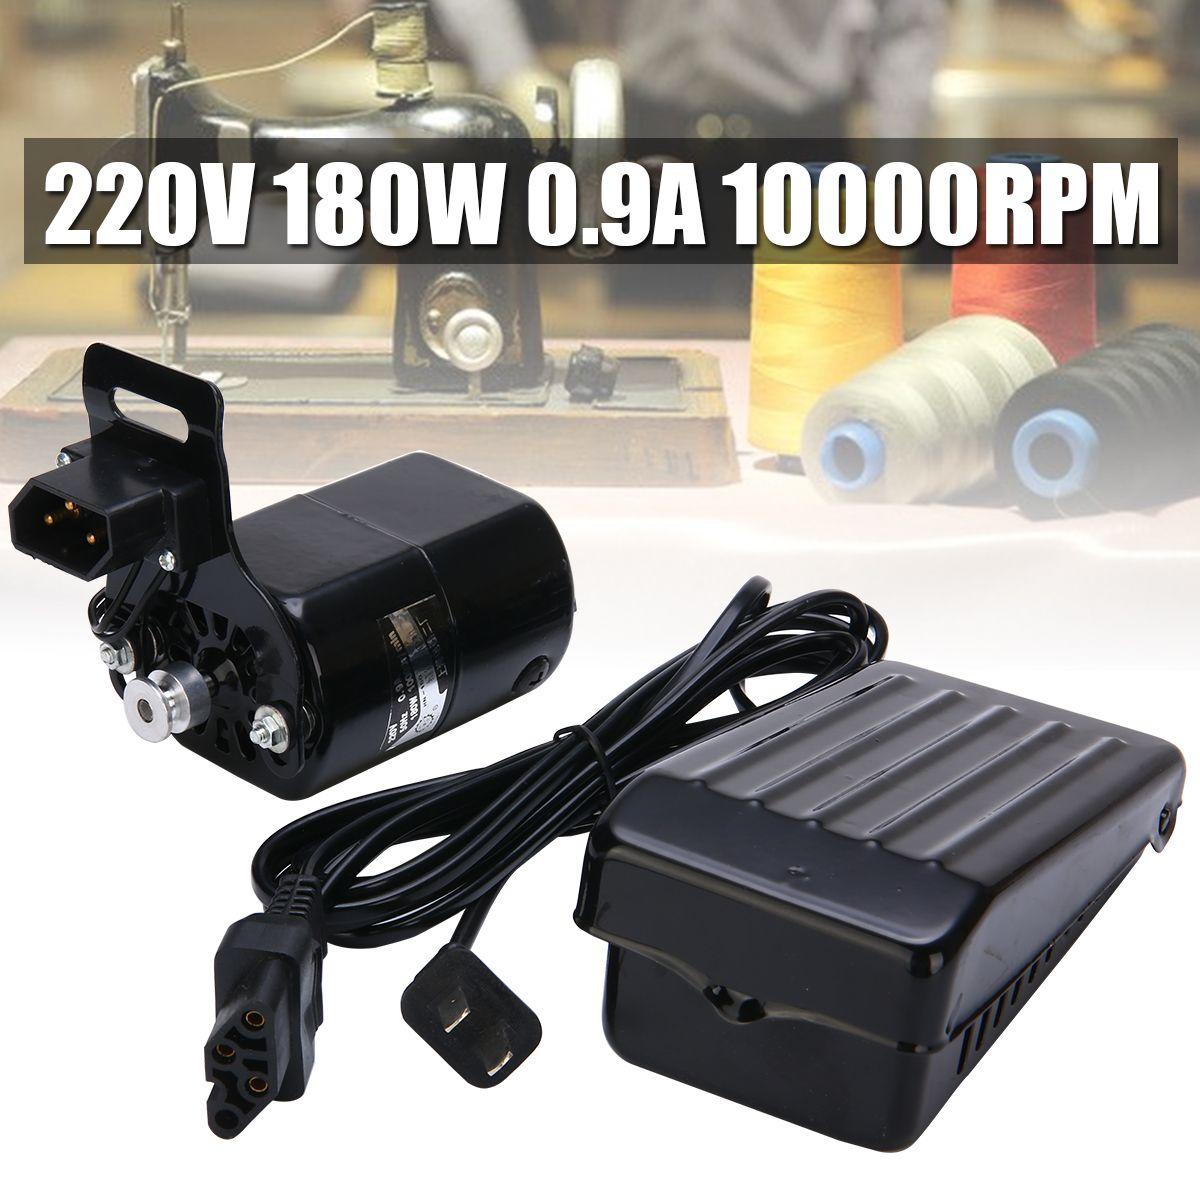 220 V 180 W 0.9A Inländischen Haushalt Nähmaschine Elektrische Motor 10000 RPM Nenndrehzahl mit Fuß Pedal Controller Geschwindigkeit pedal